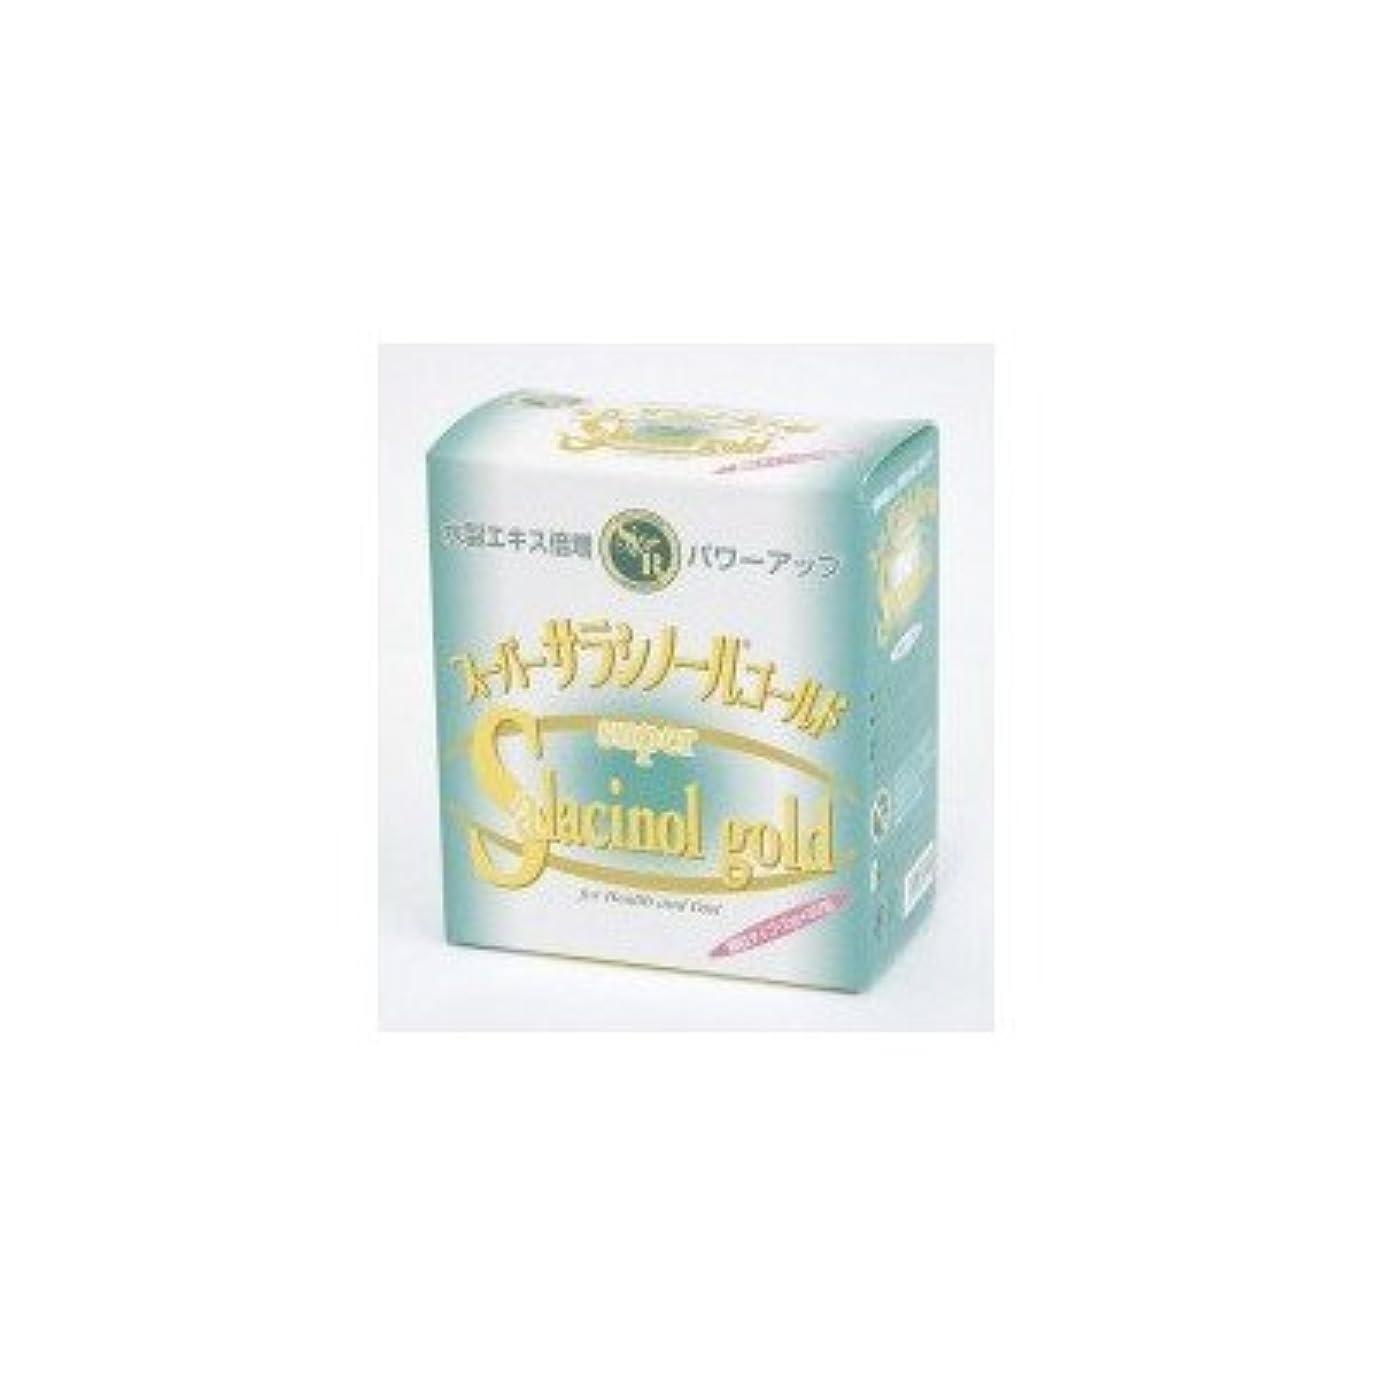 孤児ユーモラス構成するジャパンヘルス スーパーサラシノールゴールド 2g×30包